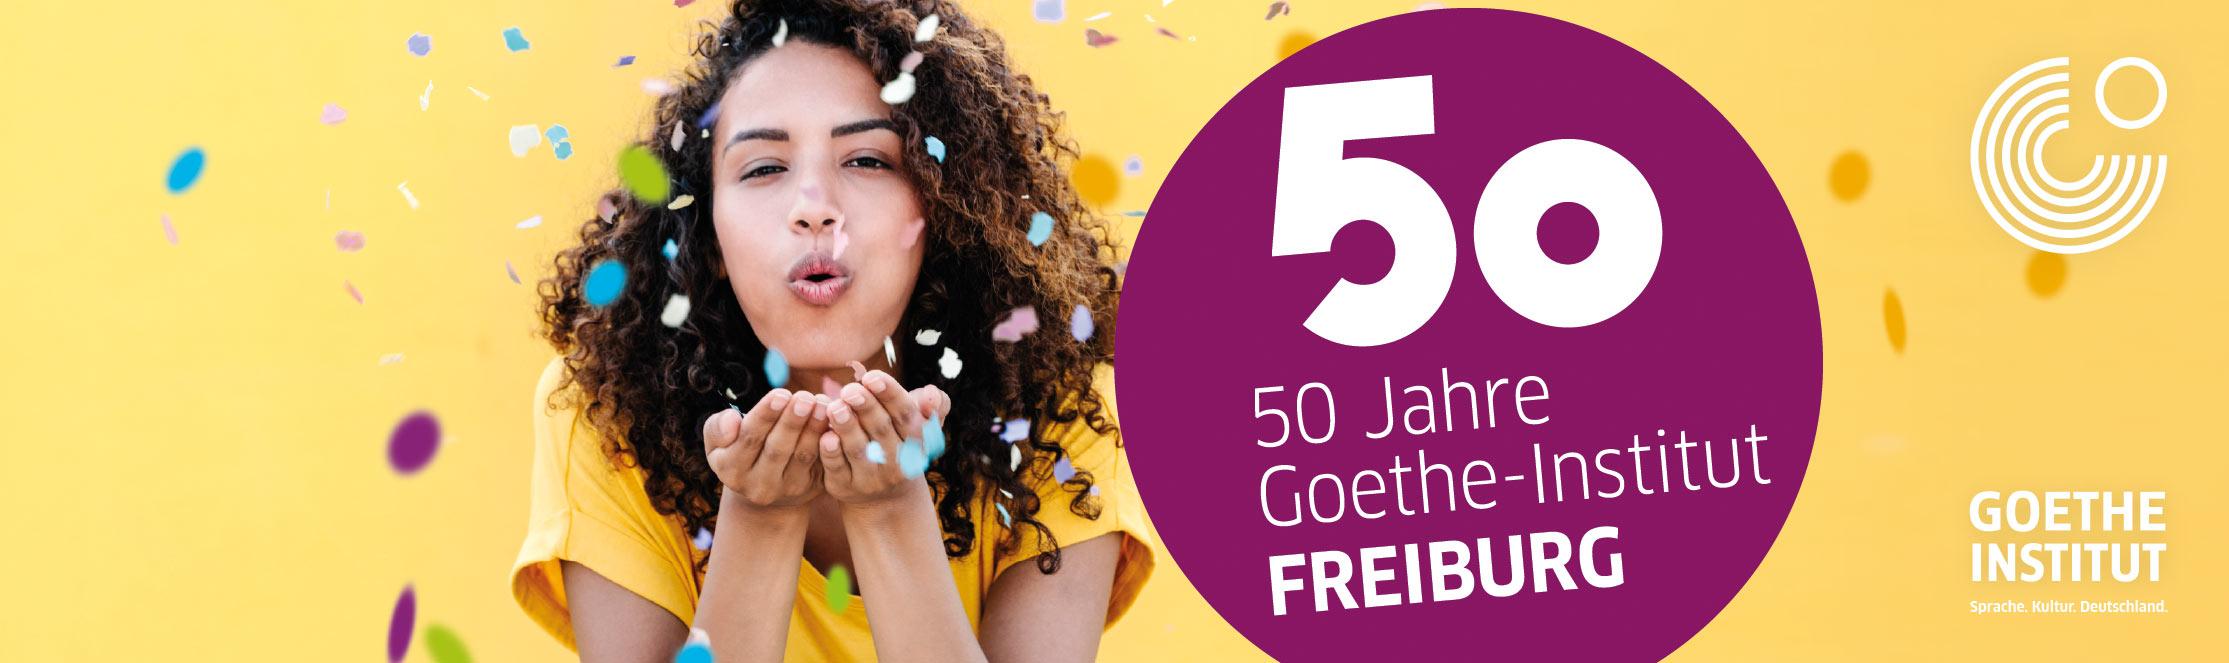 50Jahre_Goethe-Institut-3